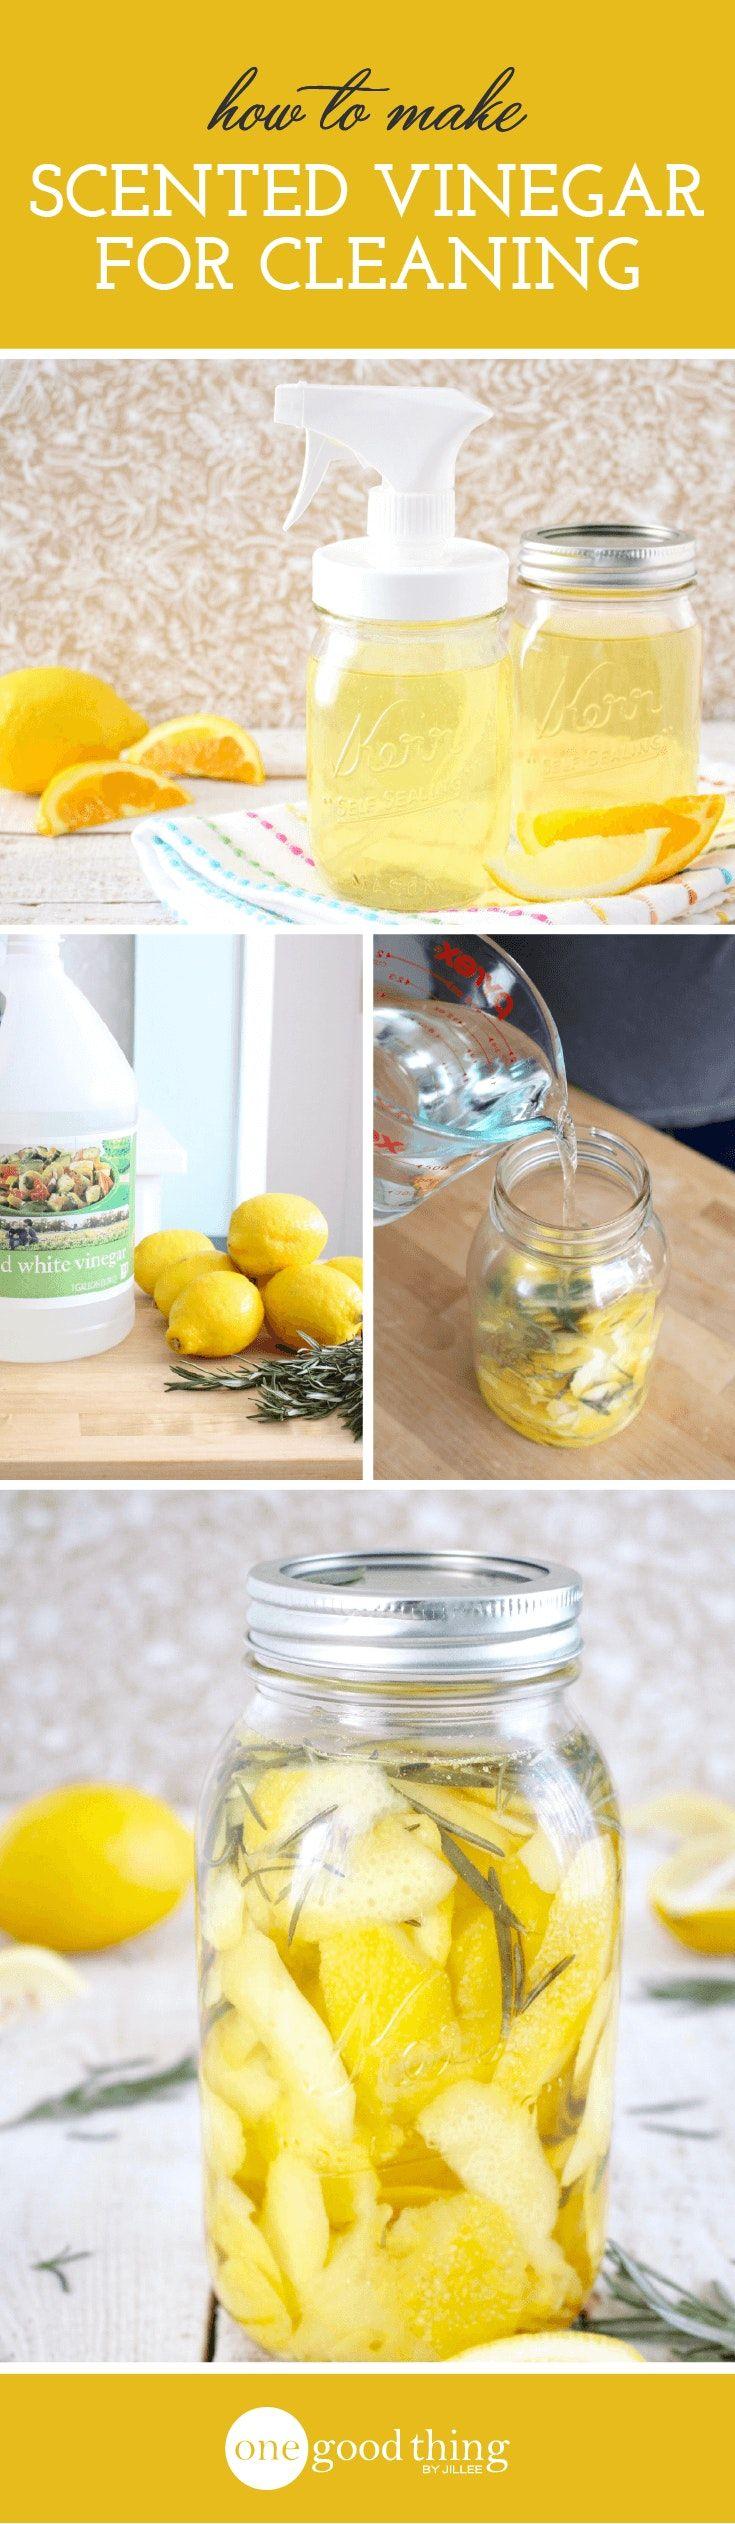 how to make homemade vinegar cleaner